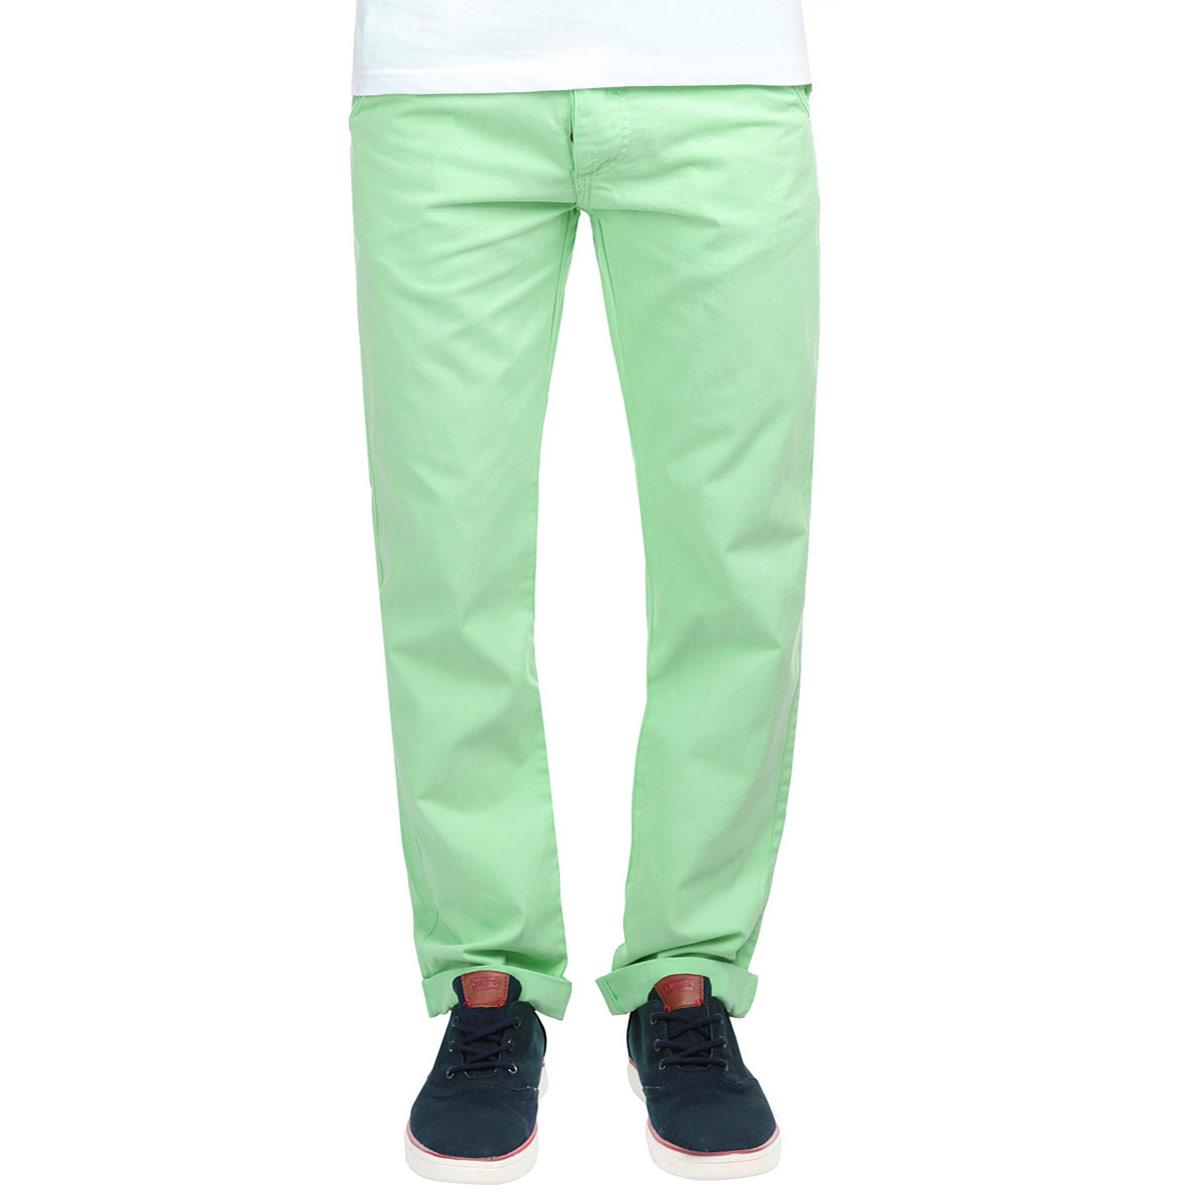 Брюки мужские ElysiumFRESHElysiumFRESH/ATMOSPHEREСтильные мужские брюки MeZaGuZ станут отличным дополнением к вашему гардеробу. Модель прямого кроя и средней посадки изготовлена из высококачественного 100% хлопка, она великолепно пропускает воздух и обладает высокой гигроскопичностью. Застегиваются брюки на пуговицы, на поясе имеются шлевки для ремня. Спереди модель оформлена двумя втачными карманами и маленьким кармашком на пуговице, а сзади - двумя прорезными карманами, закрывающимися клапанами на пуговицах. В комплект входит оригинальный плетеный ремень с металлической пряжкой. Эти модные и в тоже время удобные брюки помогут вам создать оригинальный современный образ. В них вы всегда будете чувствовать себя уверенно и комфортно.